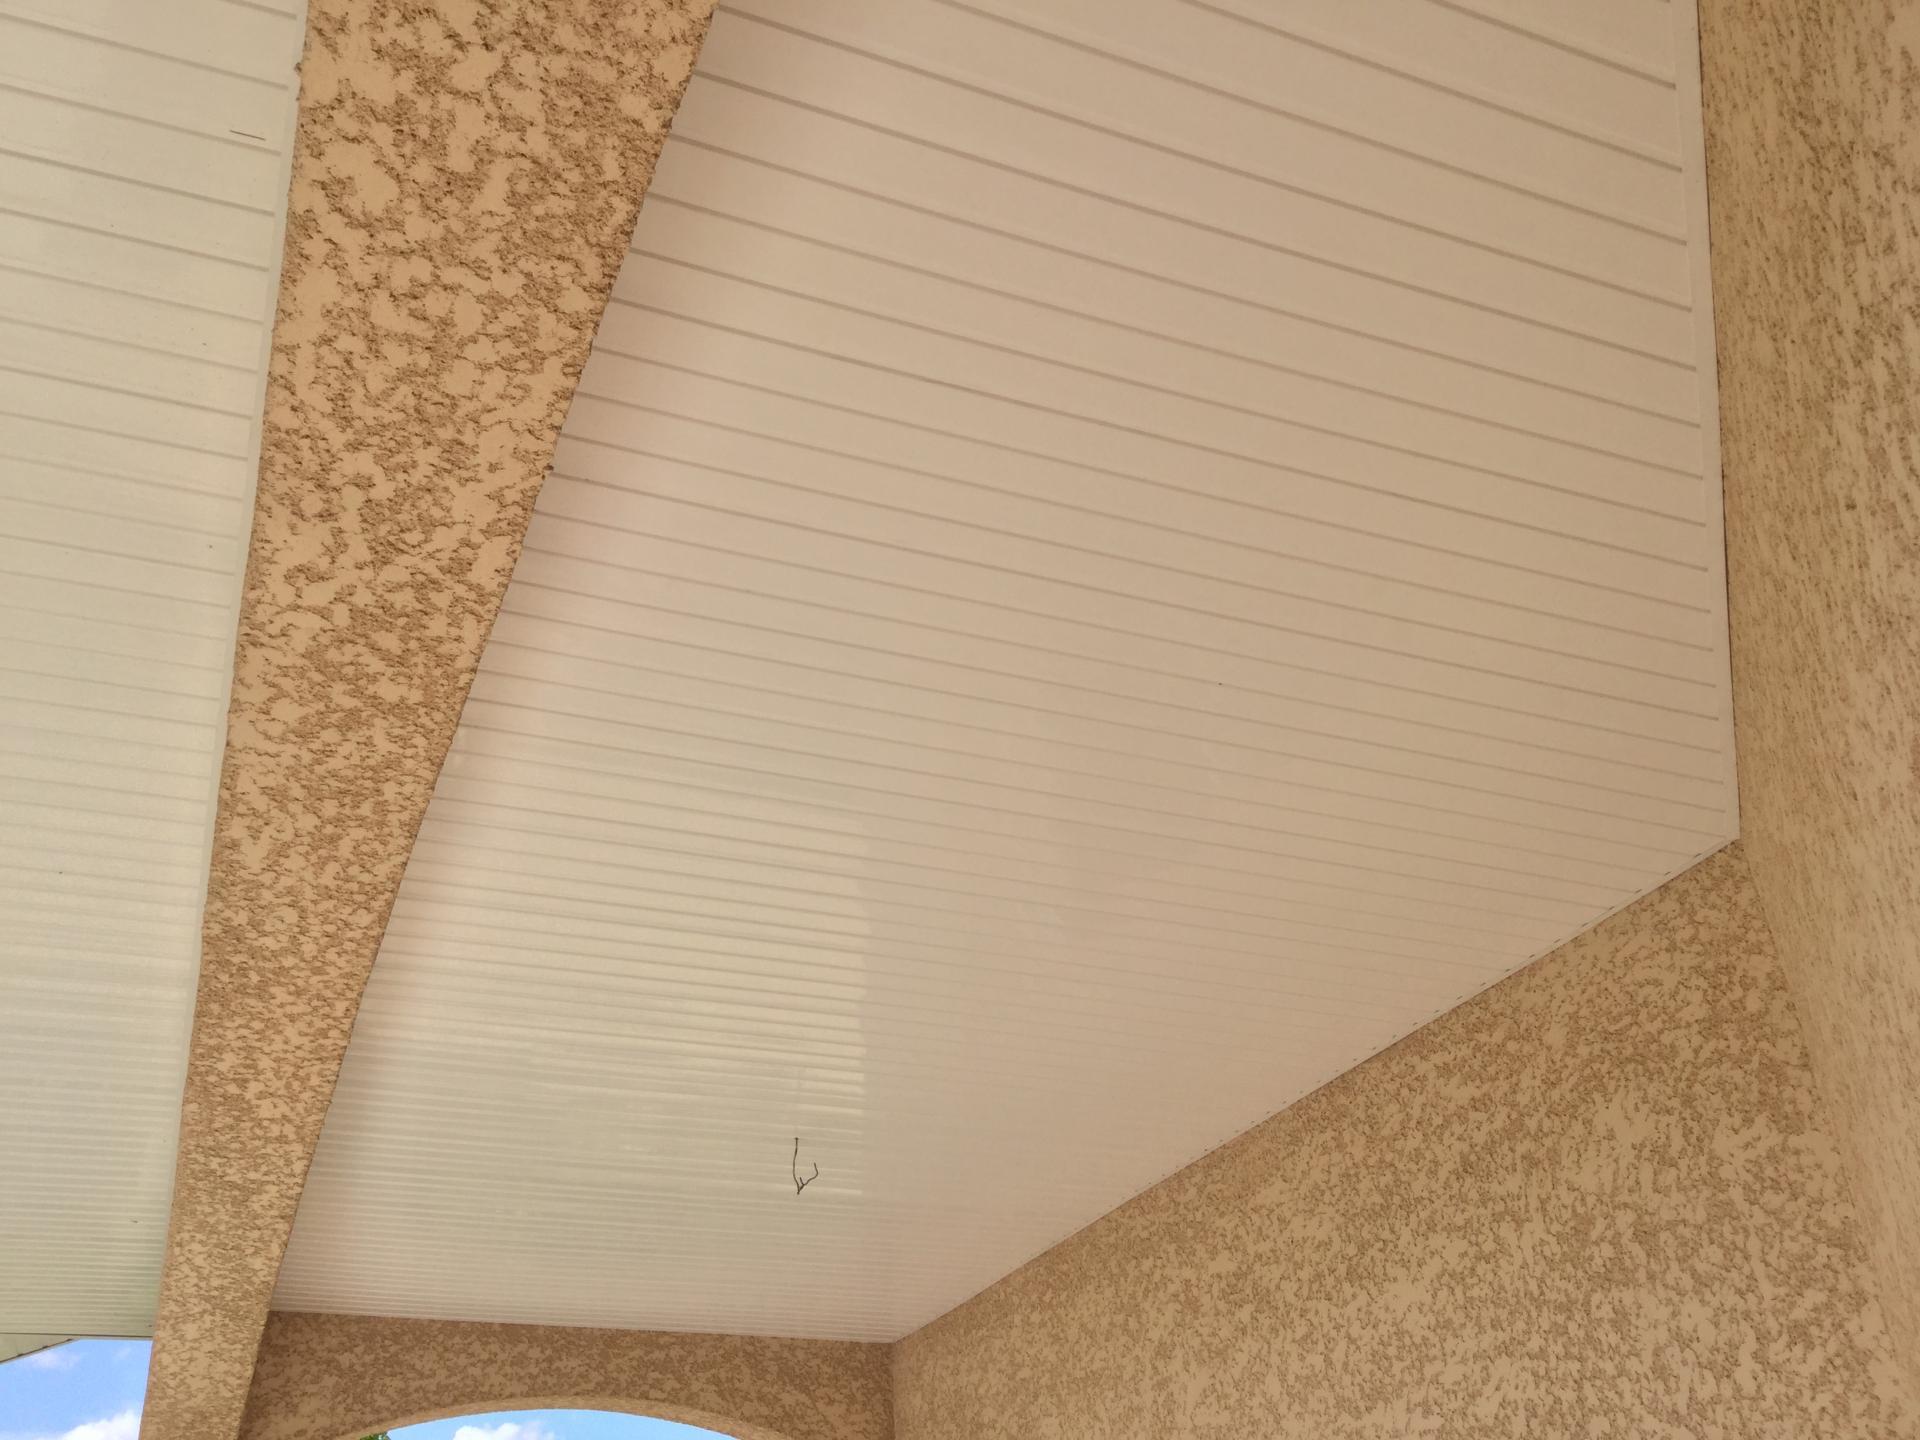 habillage dessous de toit bandeaux ideal systeme. Black Bedroom Furniture Sets. Home Design Ideas